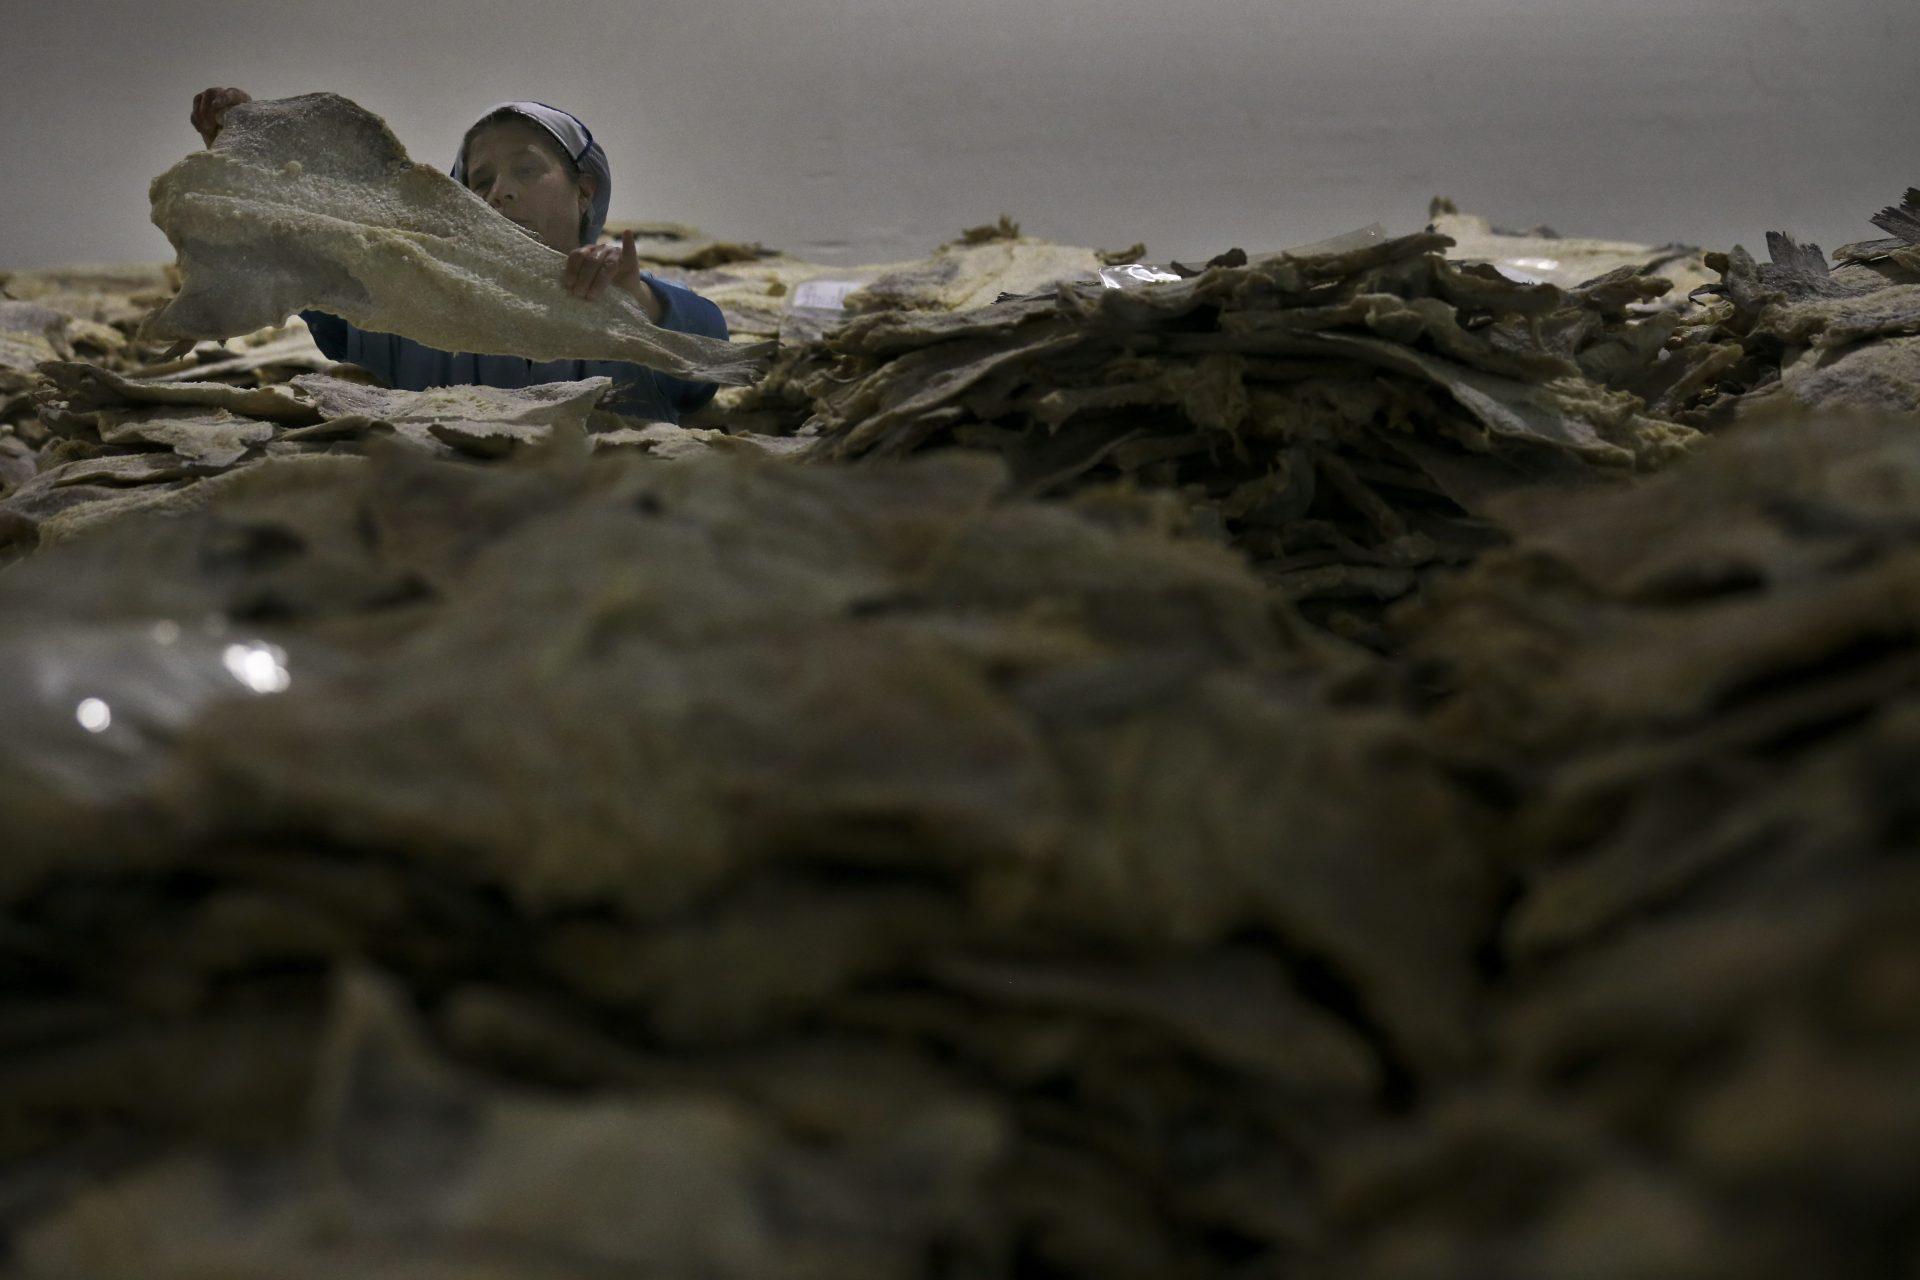 Fábrica de transformação de bacalhau no Montijo, 18 de dezembro de 2015. Os consumidores preferem o bacalhau pronto a cozinhar, já demolhado e congelado, ao tradicional, demonstram as vendas da Ribeiralves, líder de mercado, cujas vendas do primeiro representam pela primeira vez 52% do seu volume de negócios. ANDRÉ KOSTERS / LUSA